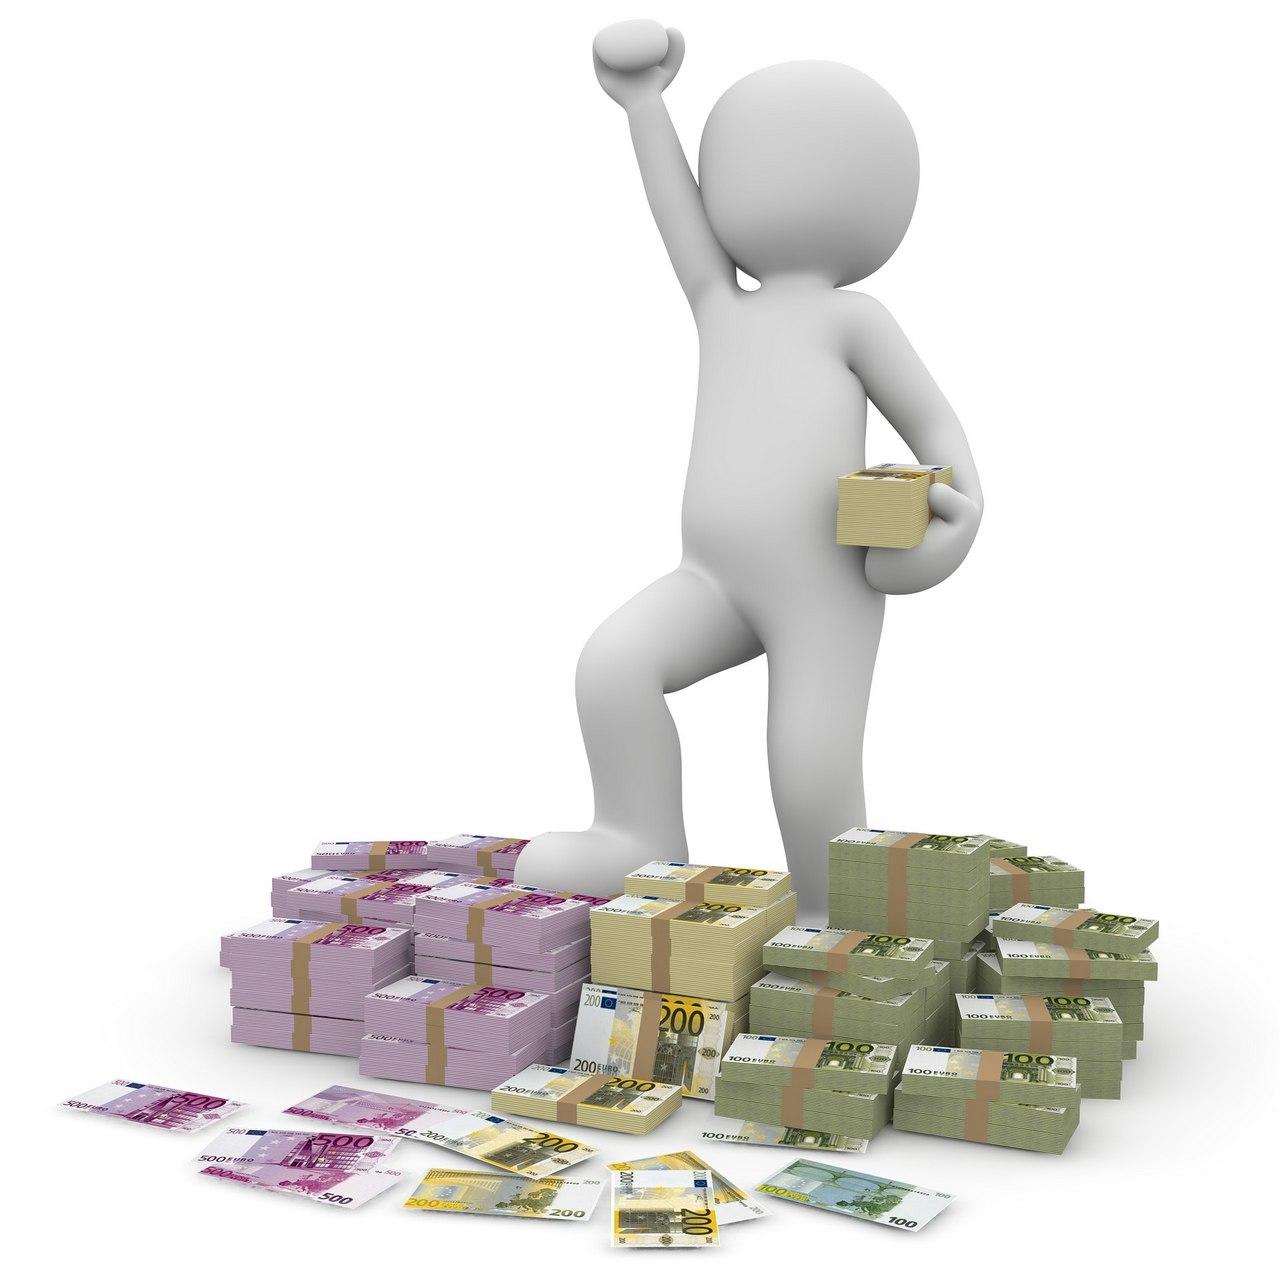 Что такое выручка, доход и прибыль, в чем разница? | tobiz24.ru финансы, бизнес, интернет